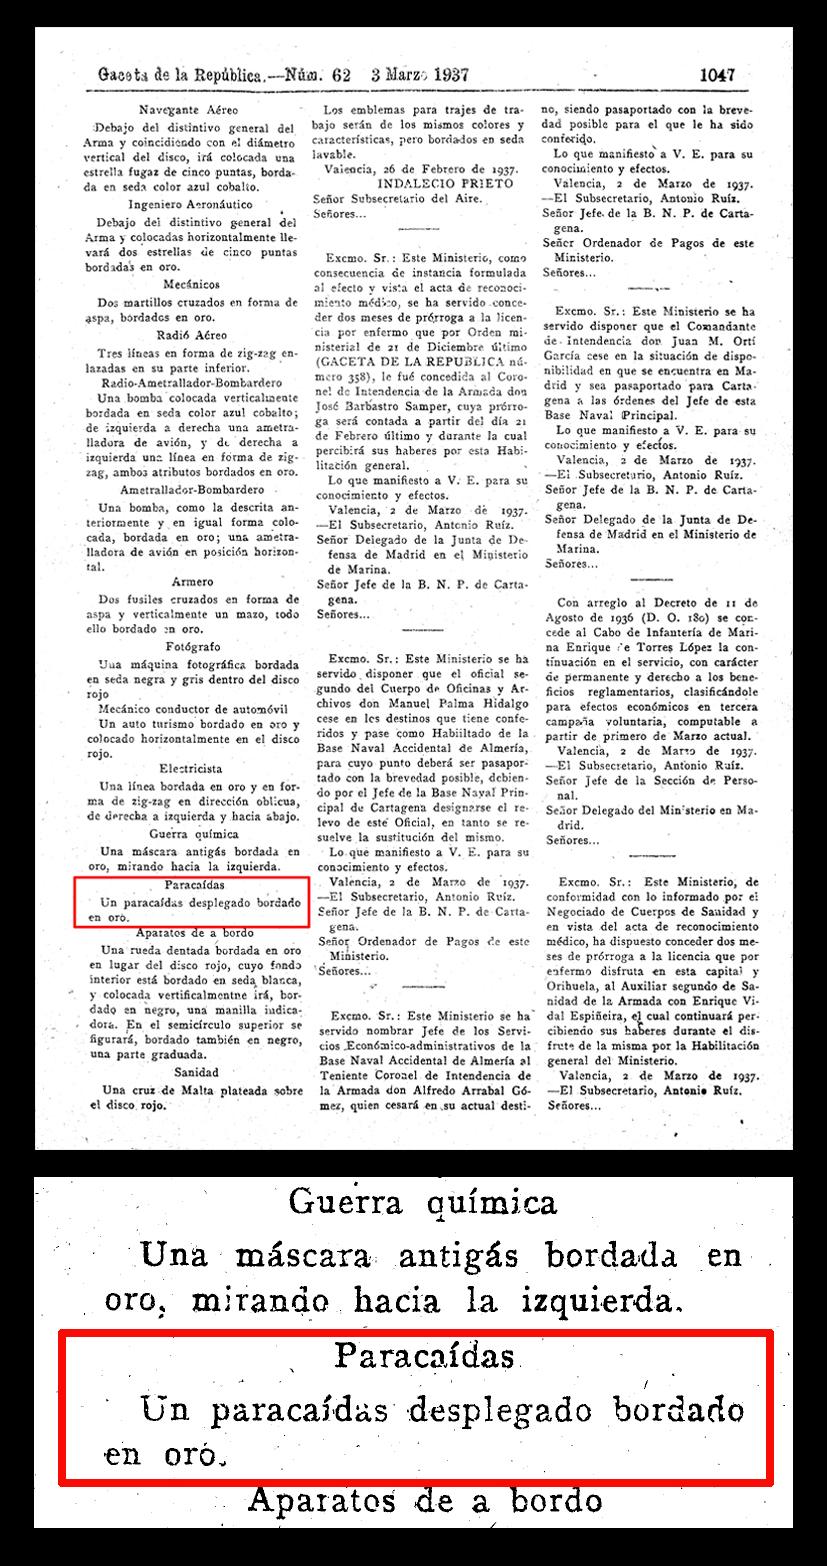 Page from Gaceta de la Republica 62 - 3 March 1937